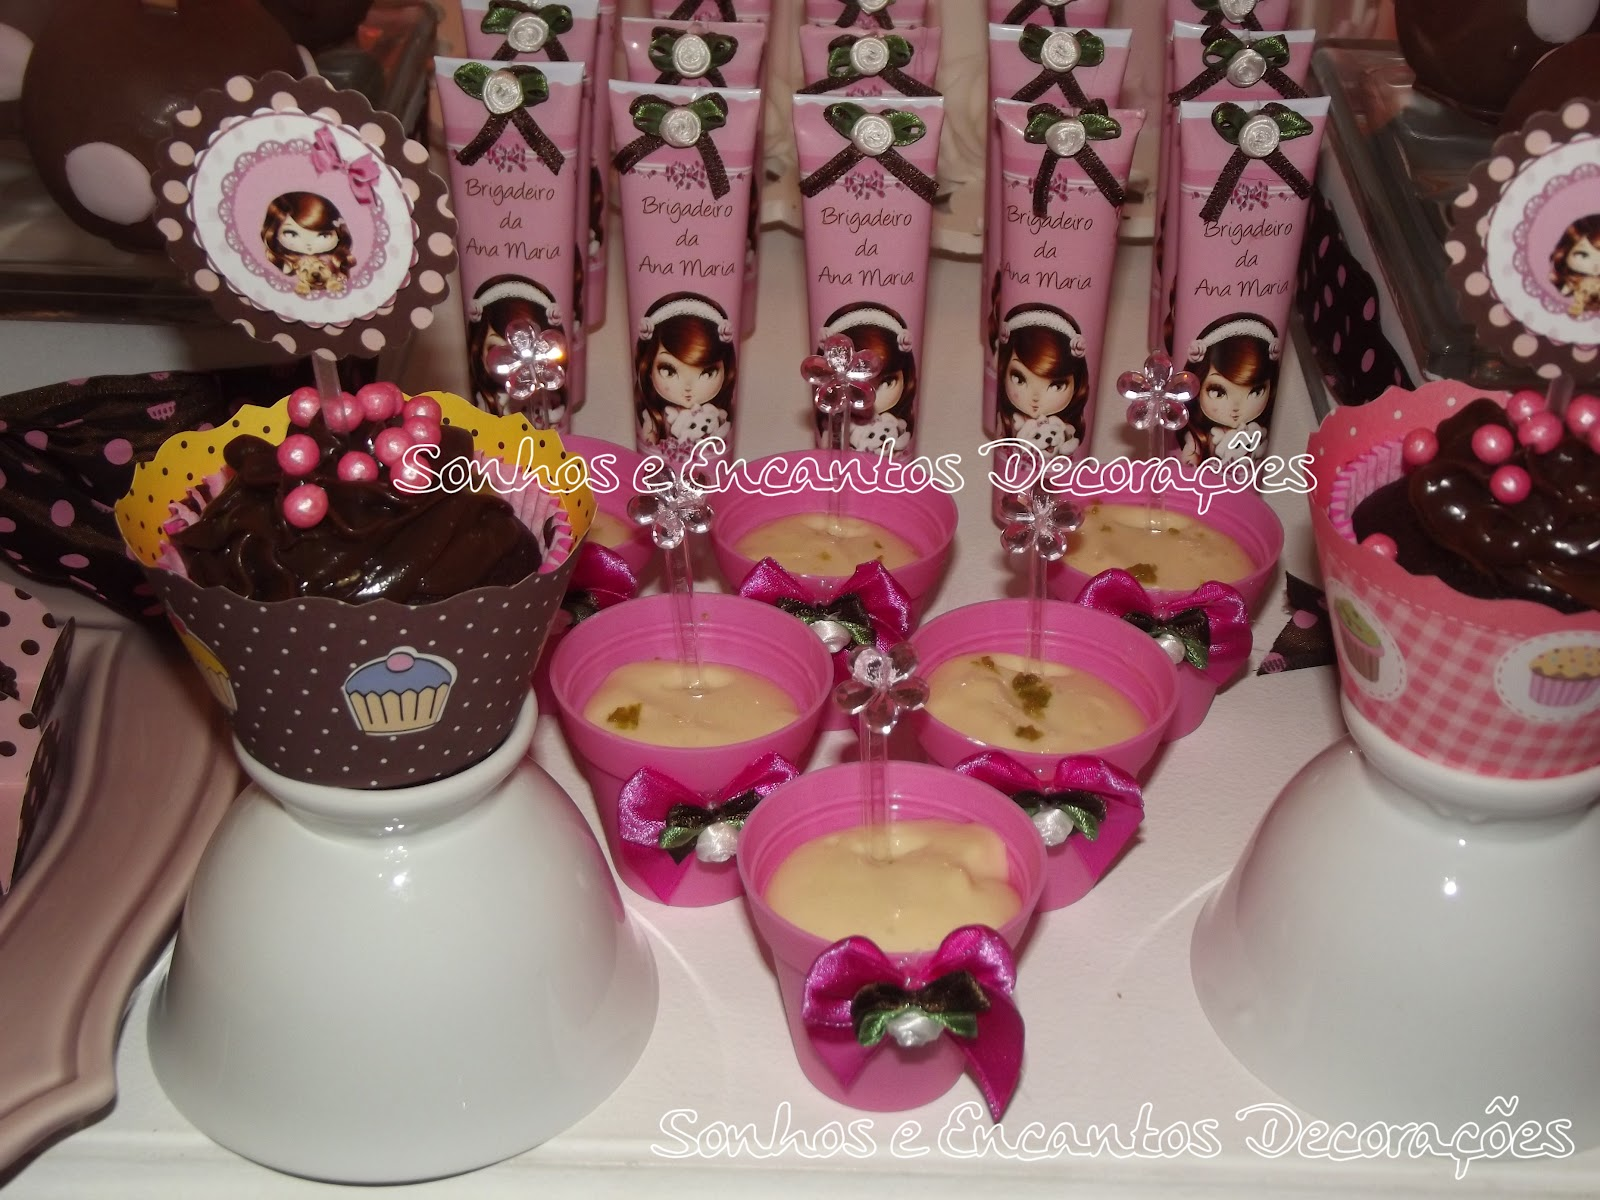 Sonhos e encantos decora es cupcakes e jolie - Jolie cupcake ...